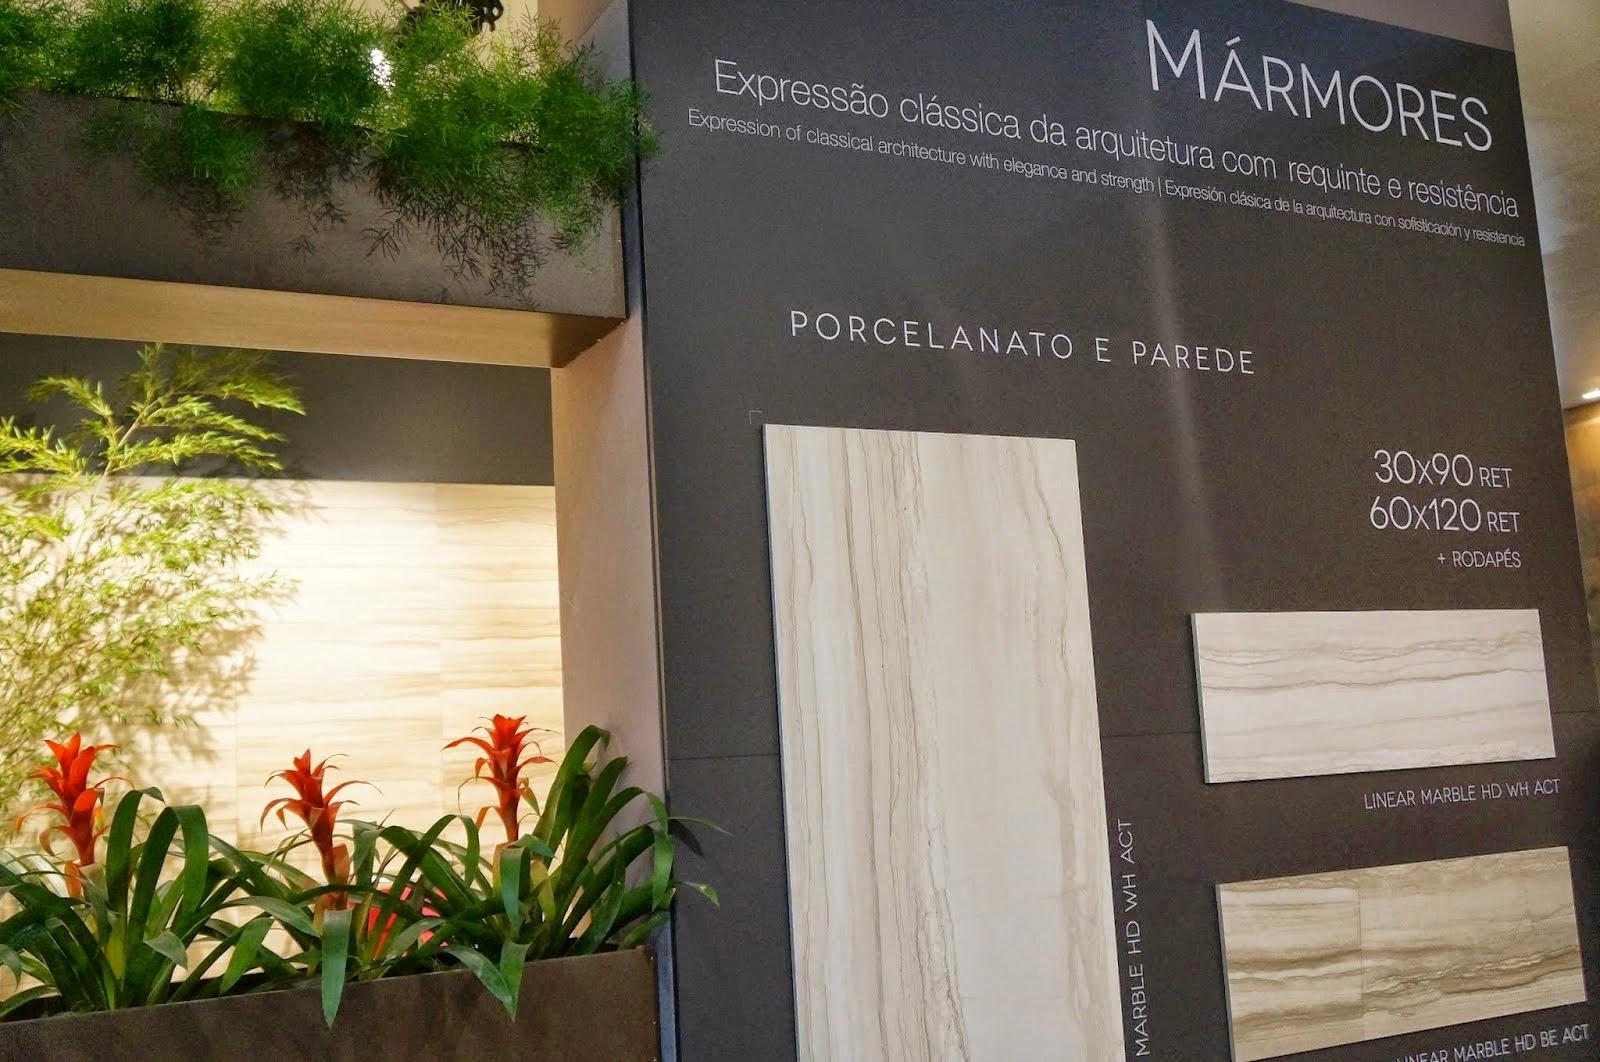 porcelanato imitando o clássico mármore da Portinari - Expo Revestir 2014